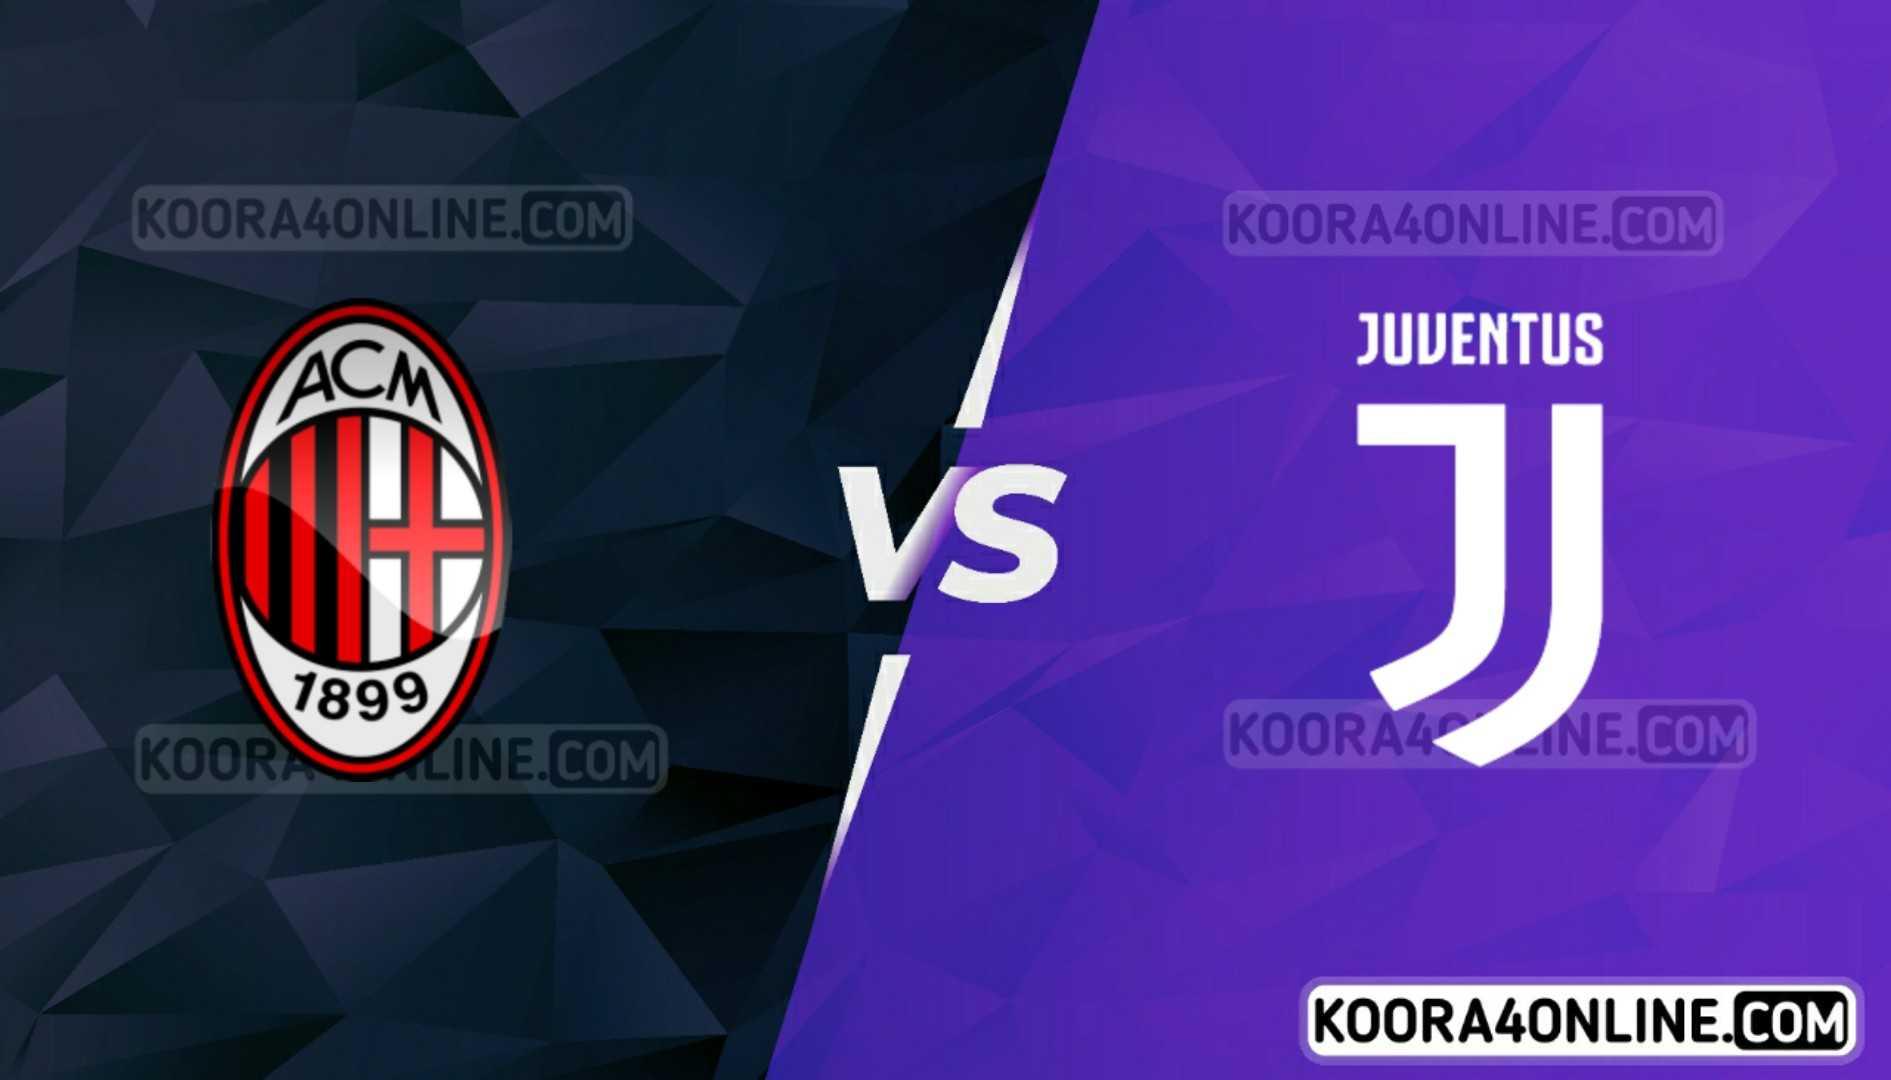 مشاهدة مباراة يوفنتوس وميلان القادمة كورة اون لاين بث مباشر اليوم 19-09-2021 في الدوري الإيطالي